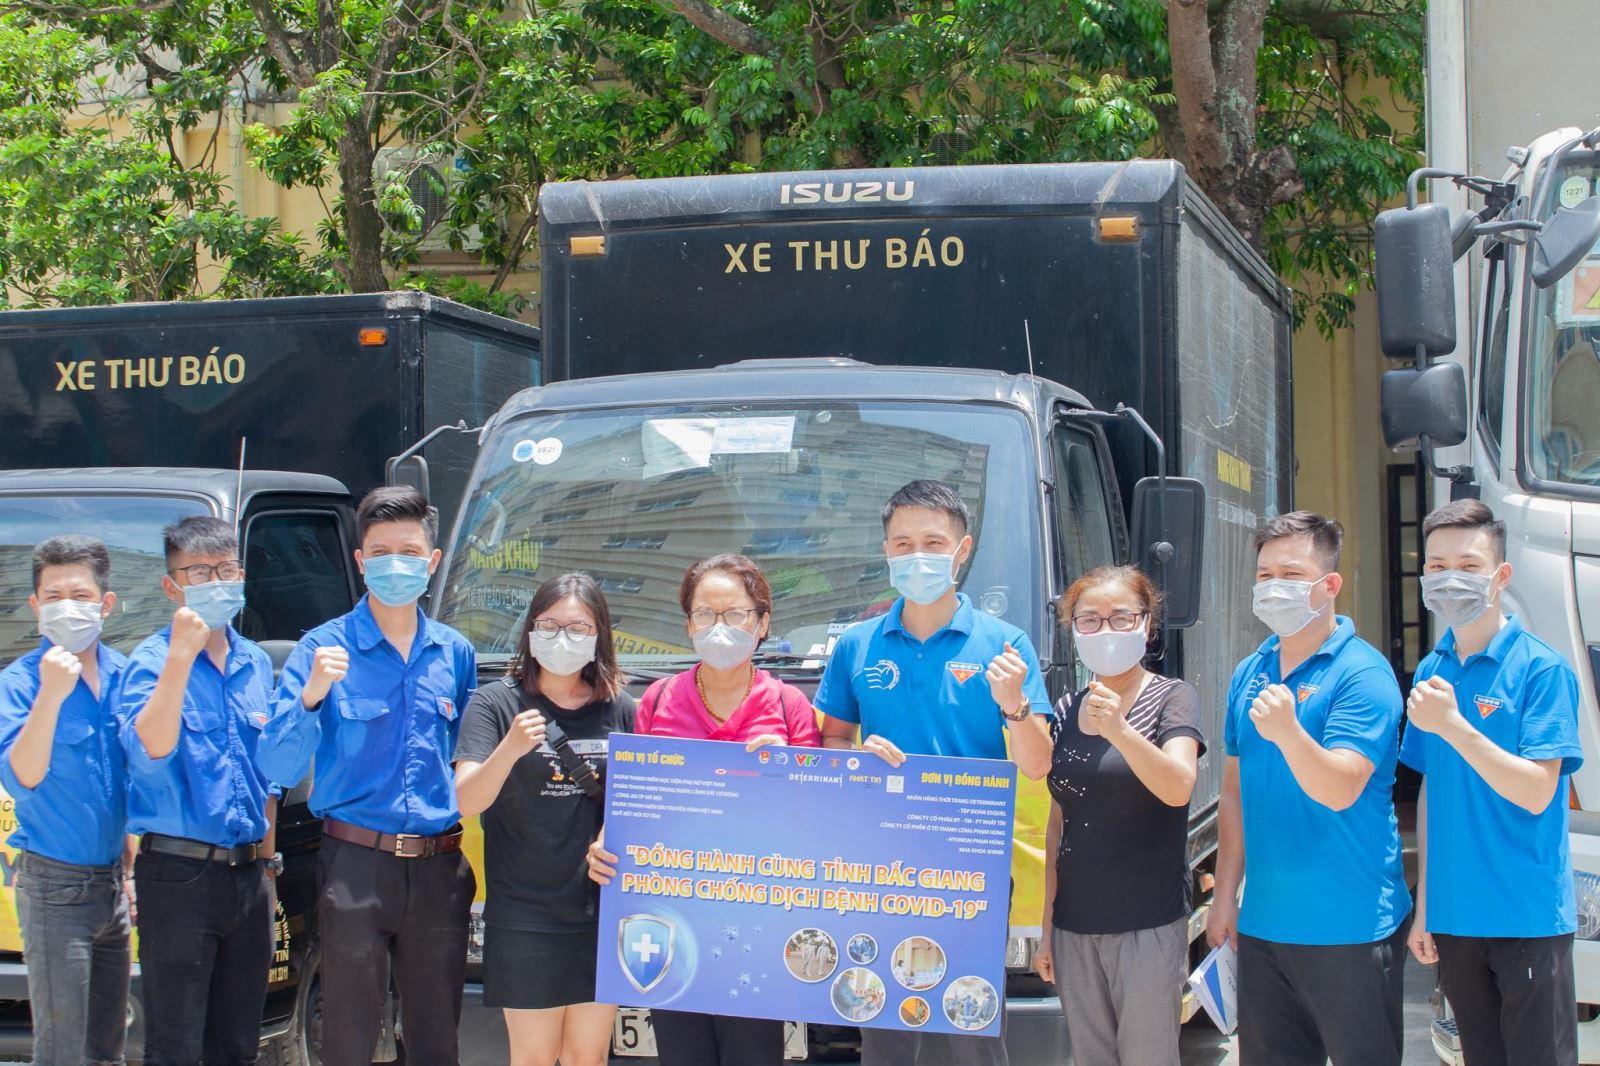 Học viện Phụ nữ Việt Nam tổ chức chương trình ủng hộ phòng, chống dịch bệnh Covid -19